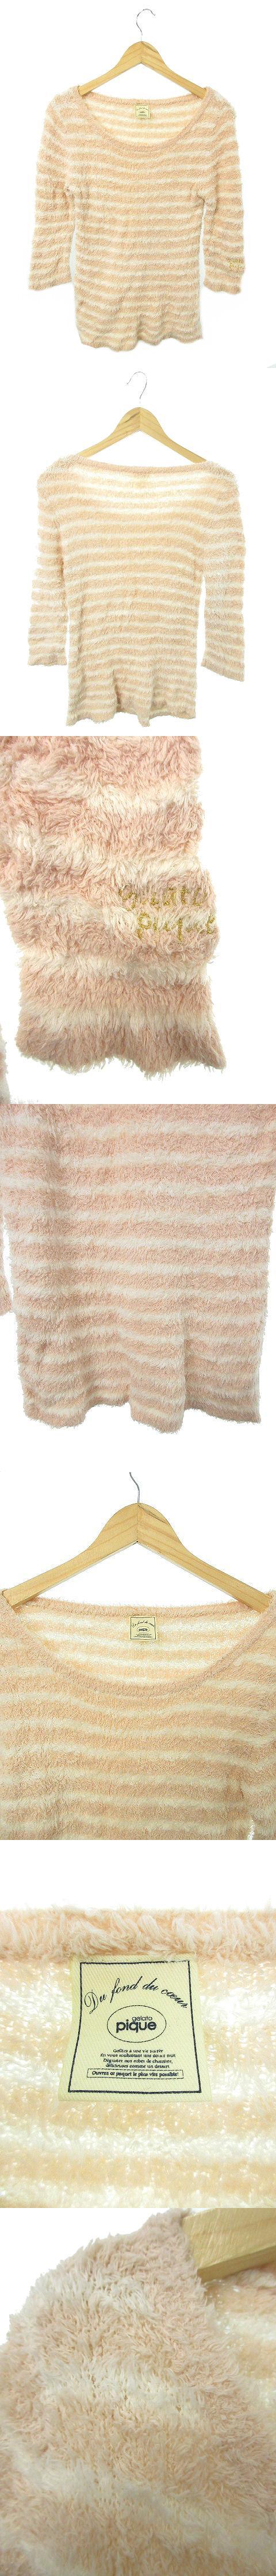 ルームウェア セーター ニット 七分袖 ボーダー F ピンク 白 ホワイト /SU17